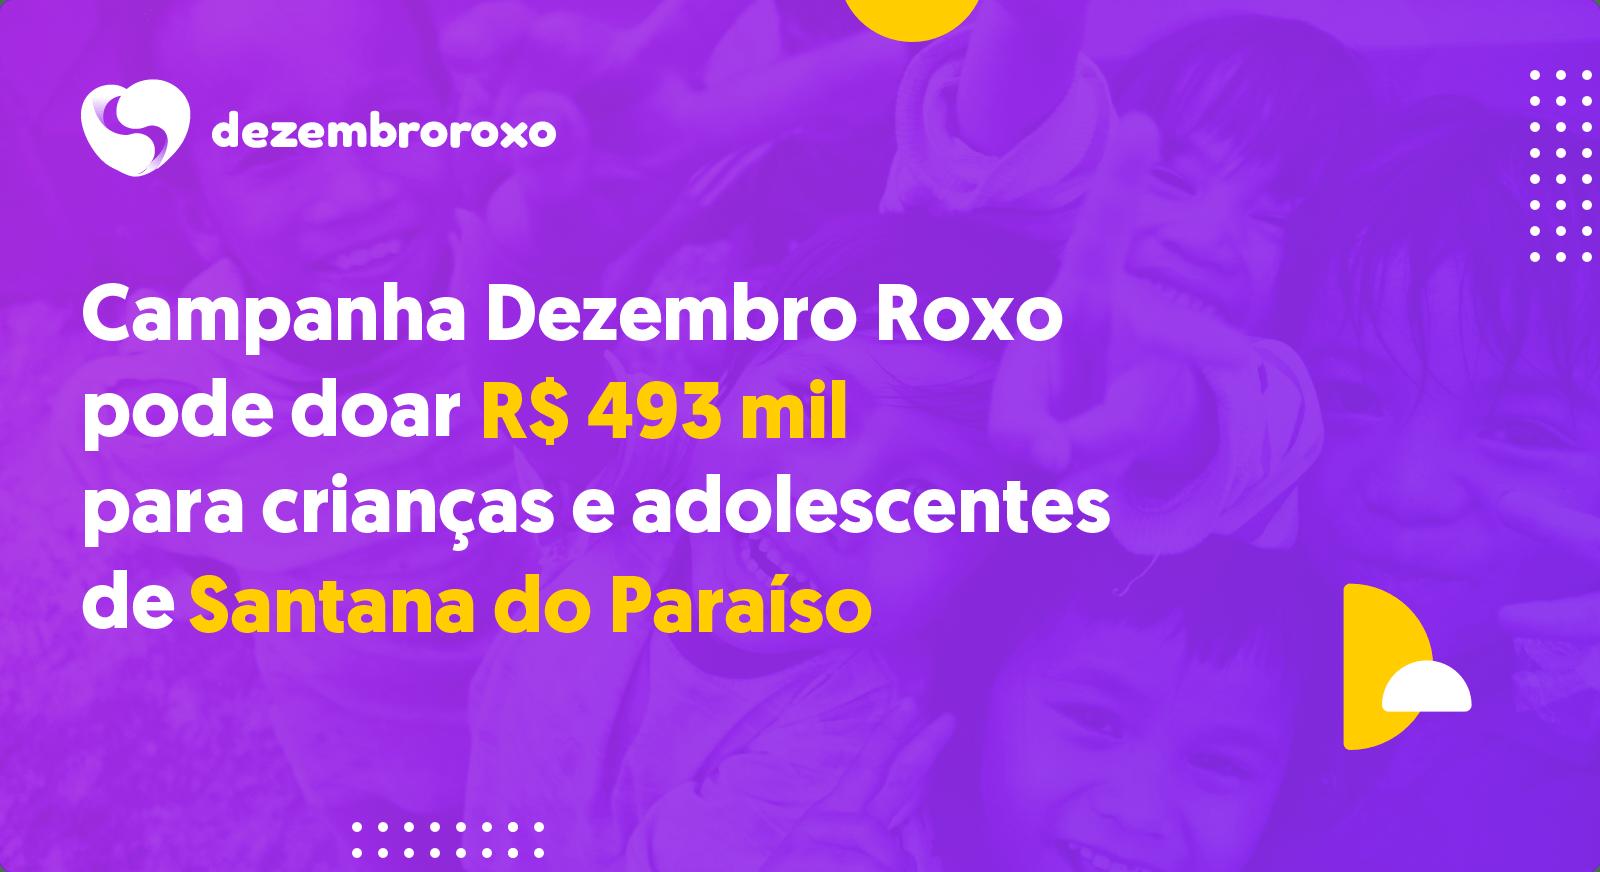 Doações em Santana do Paraíso - MG